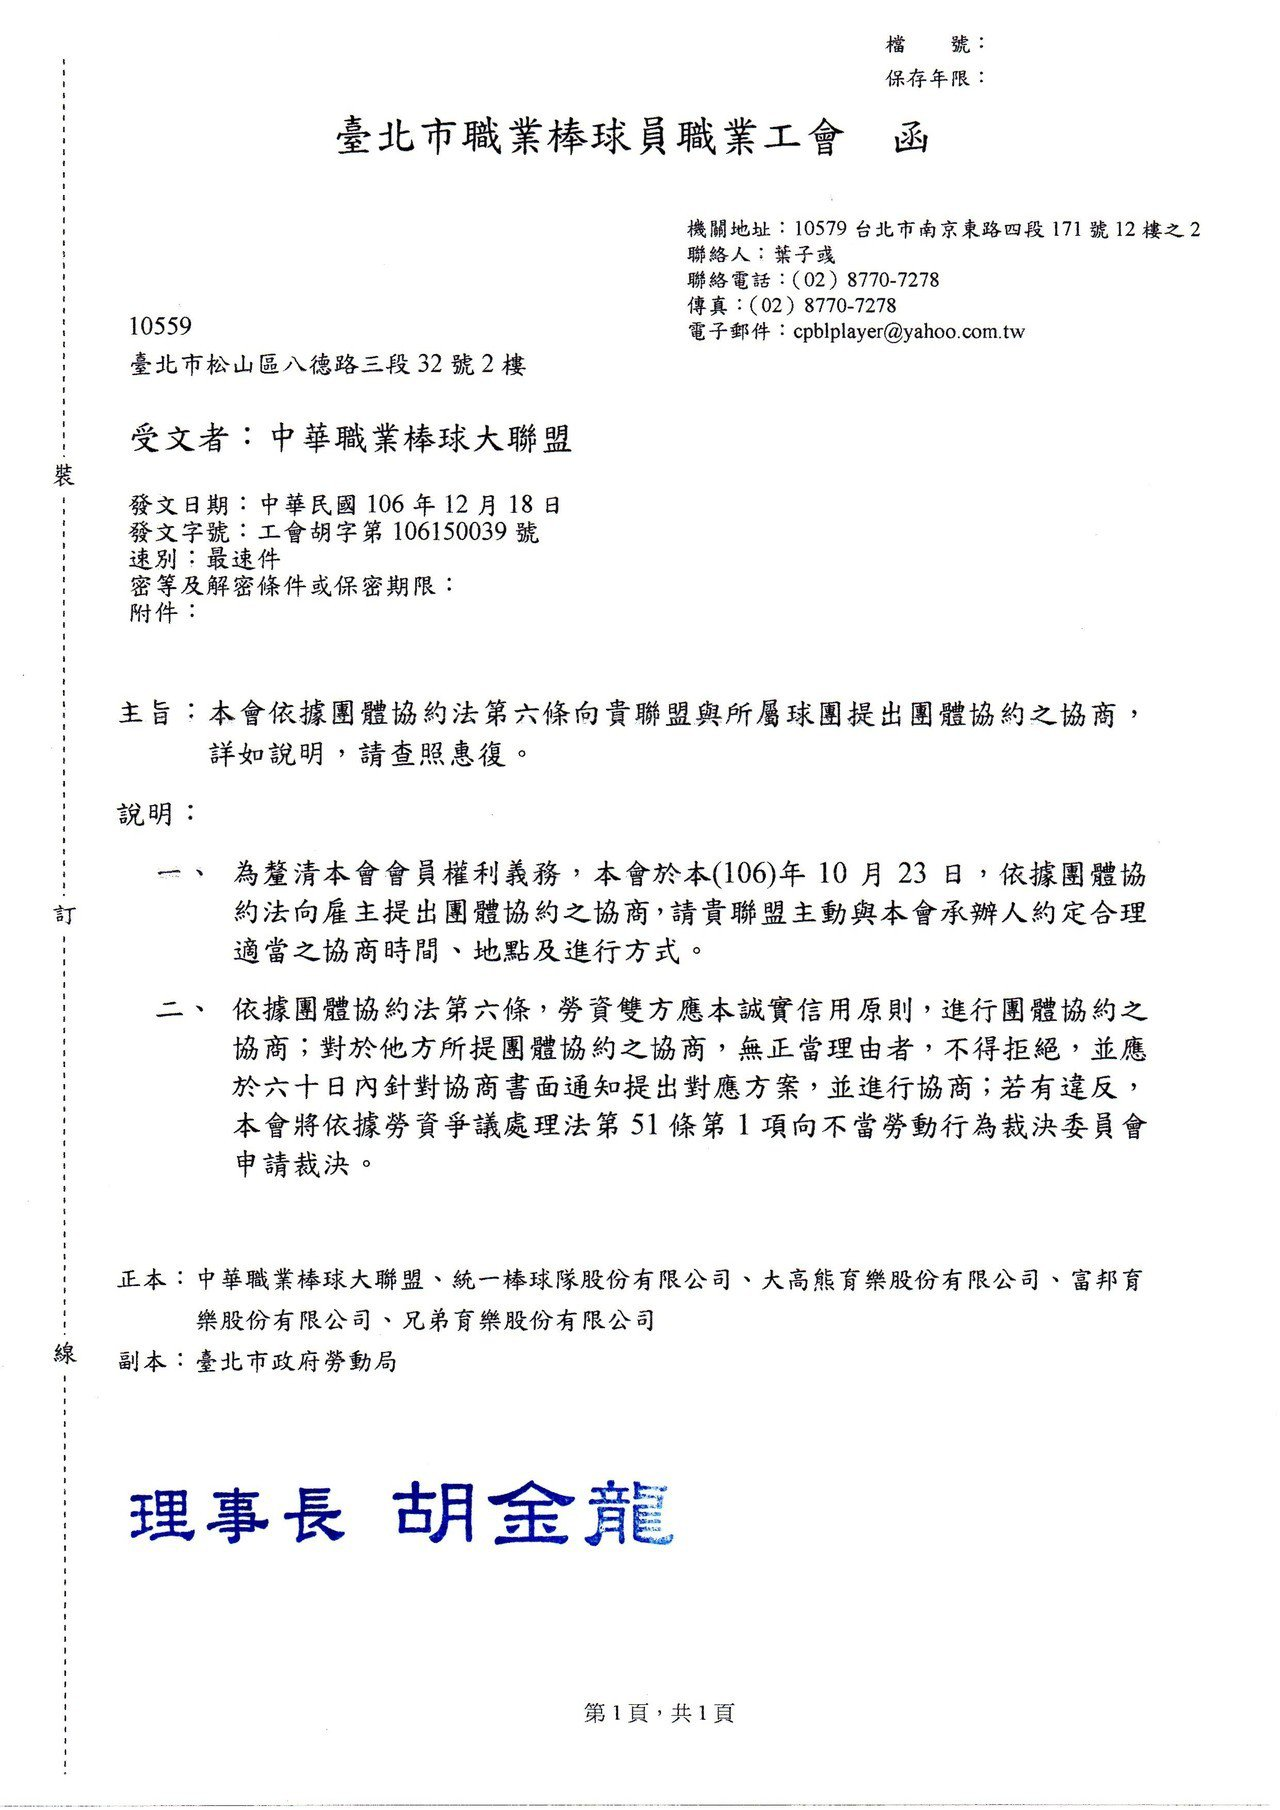 附件7:第三次要求團體協商。